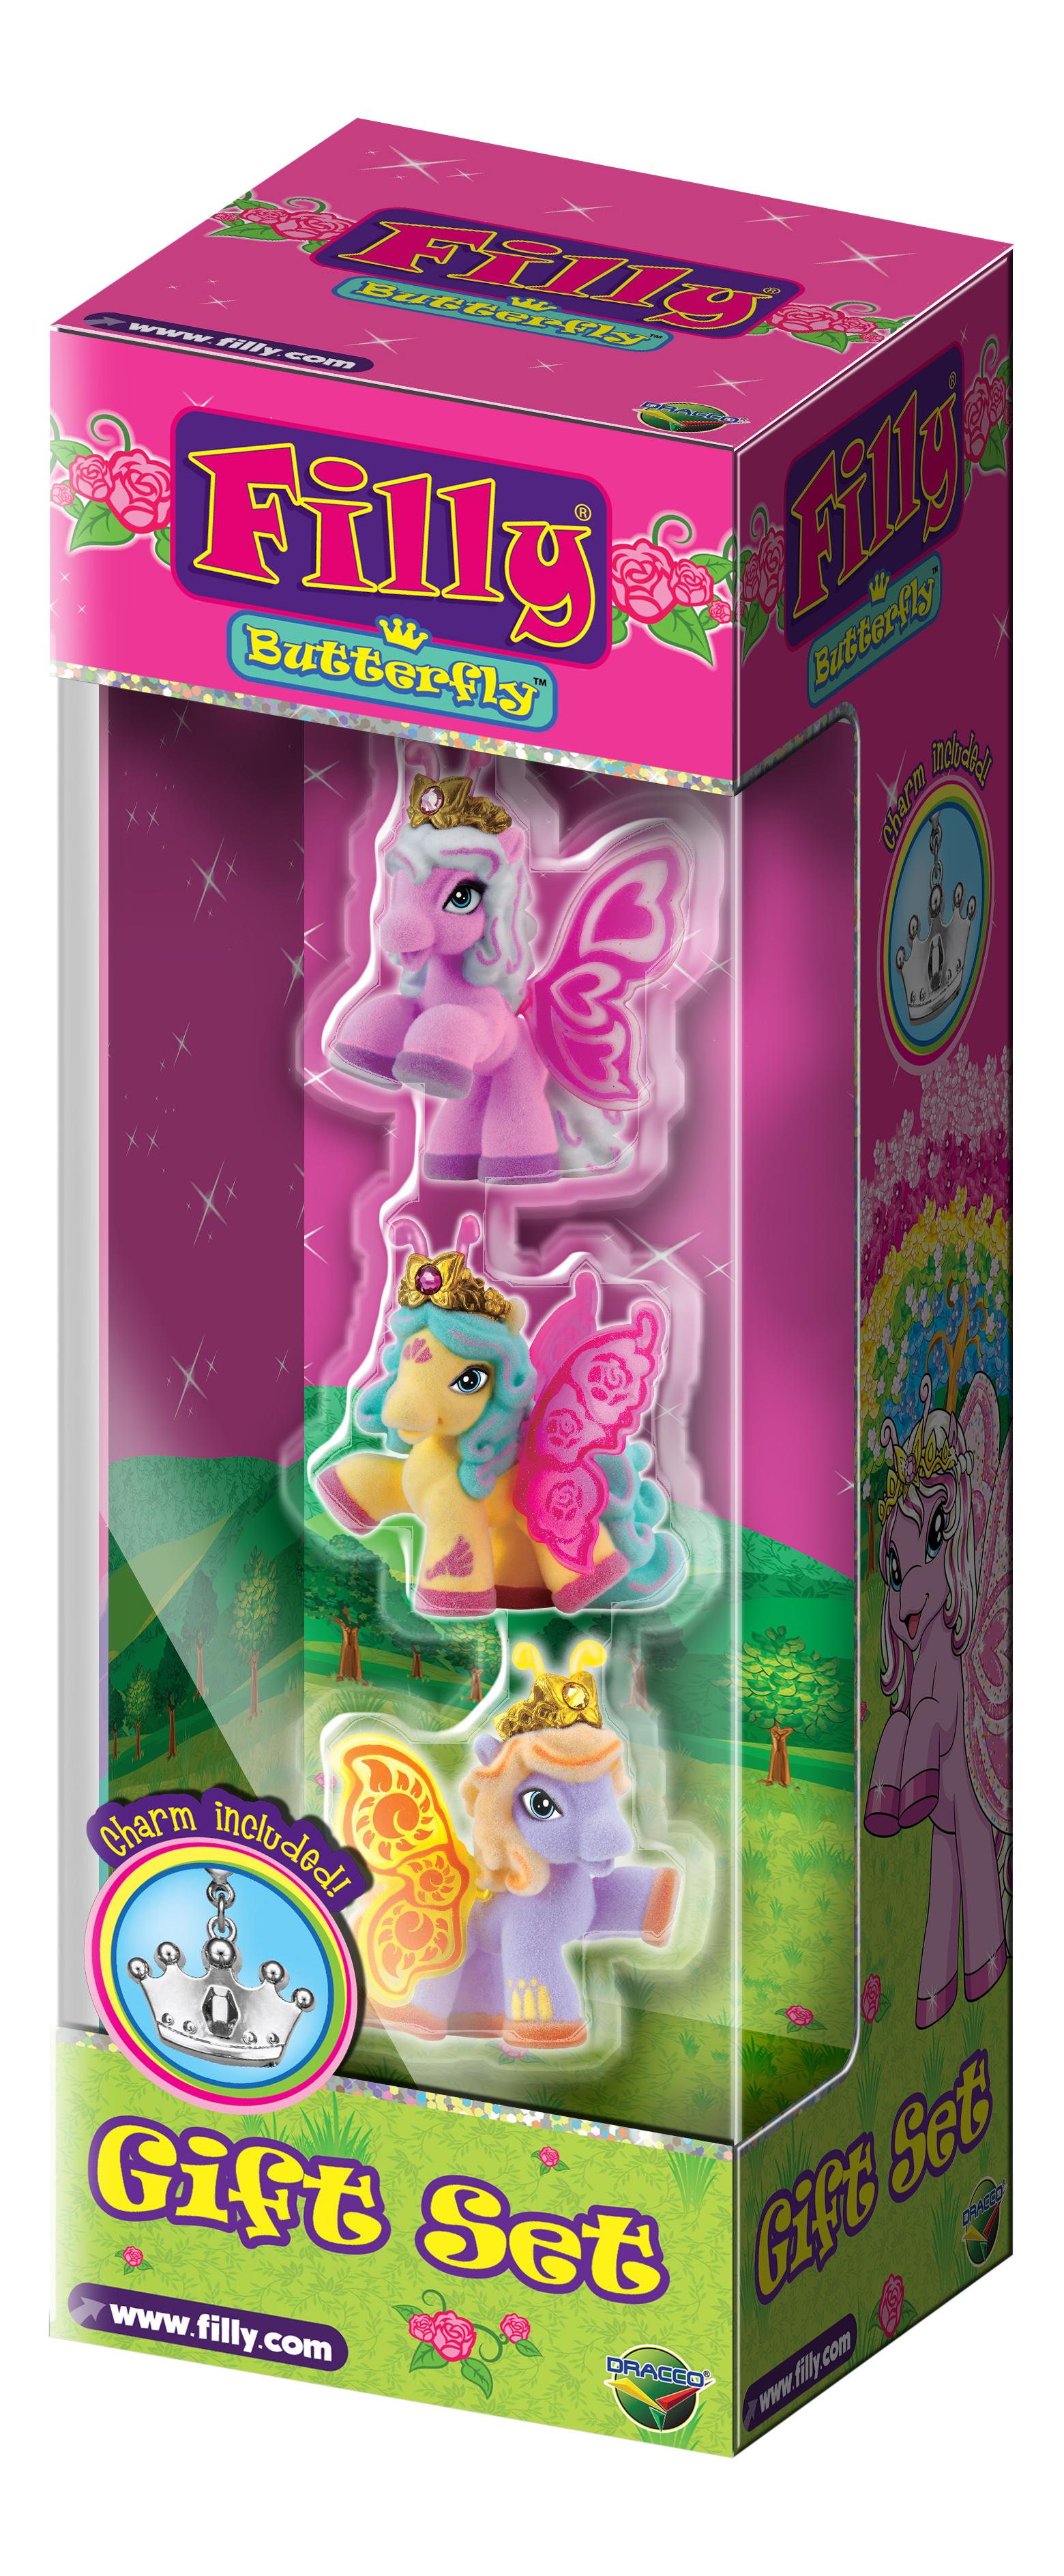 Игровой набор Filly Dracco Лошадки-бабочки с блестящими крыльями, 3 фигурки с аксессуарами